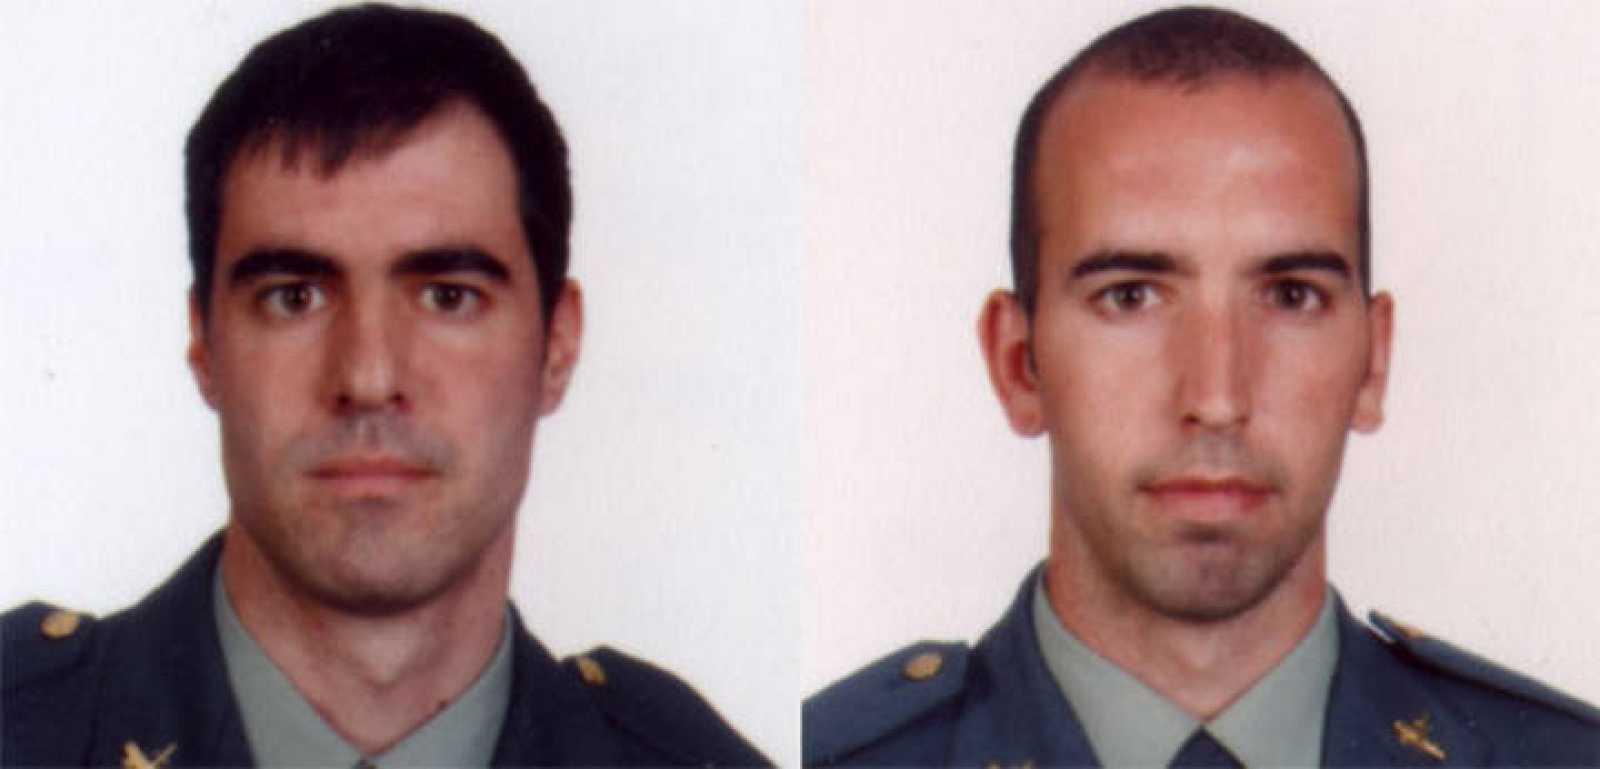 Los guardias civiles Carlos Sáenz de Tejada y Diego Salva Lezcaun han sido asesinados en el atentado de ETA en Mallorca.